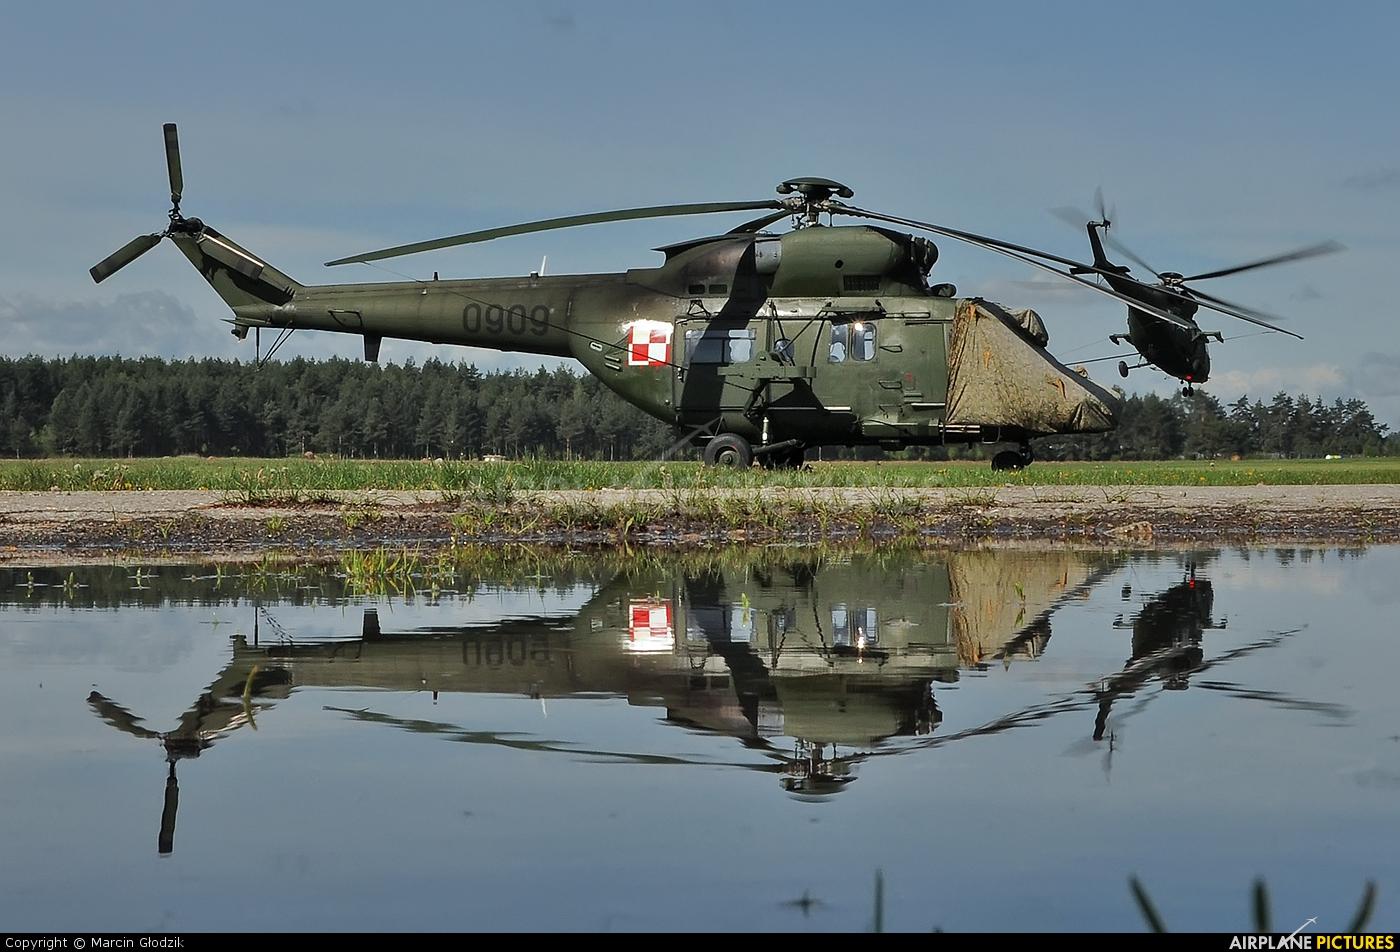 Poland - Army 0909 aircraft at Nowy Targ